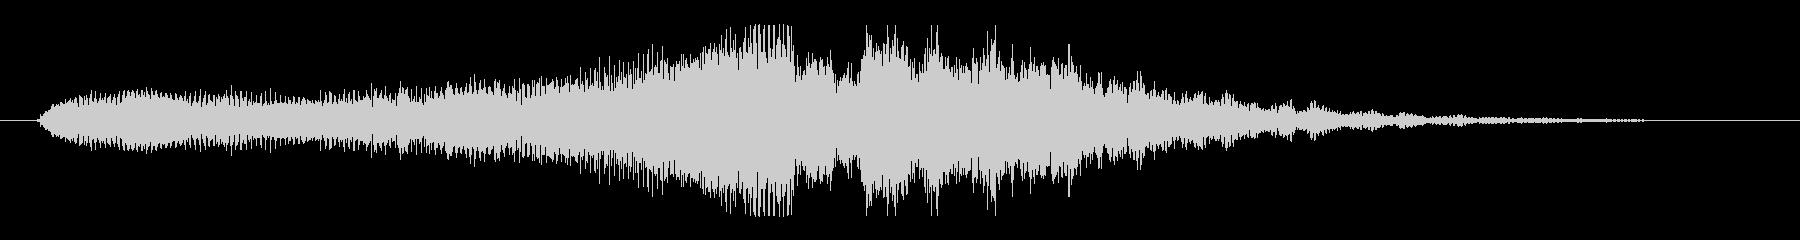 シンプルで深く高級感のあるサウンドロゴの未再生の波形